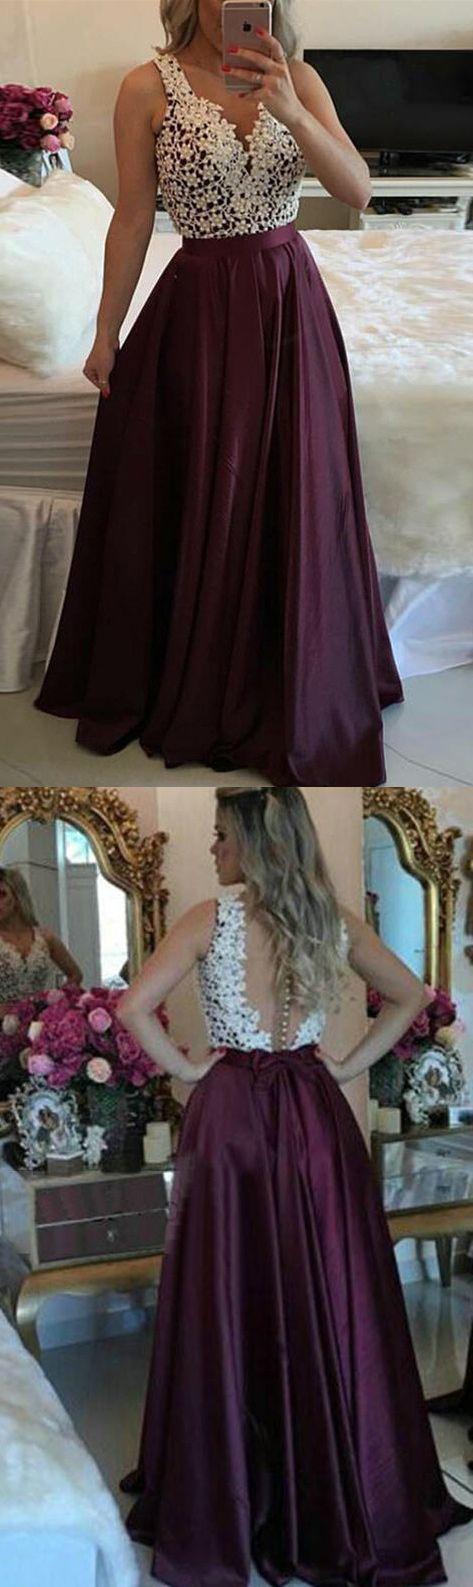 burgundy long prom dresses, dresses for women, new arrival prom dresses, high quality prom dresses, dresses for party, 2017 cheap prom dresses